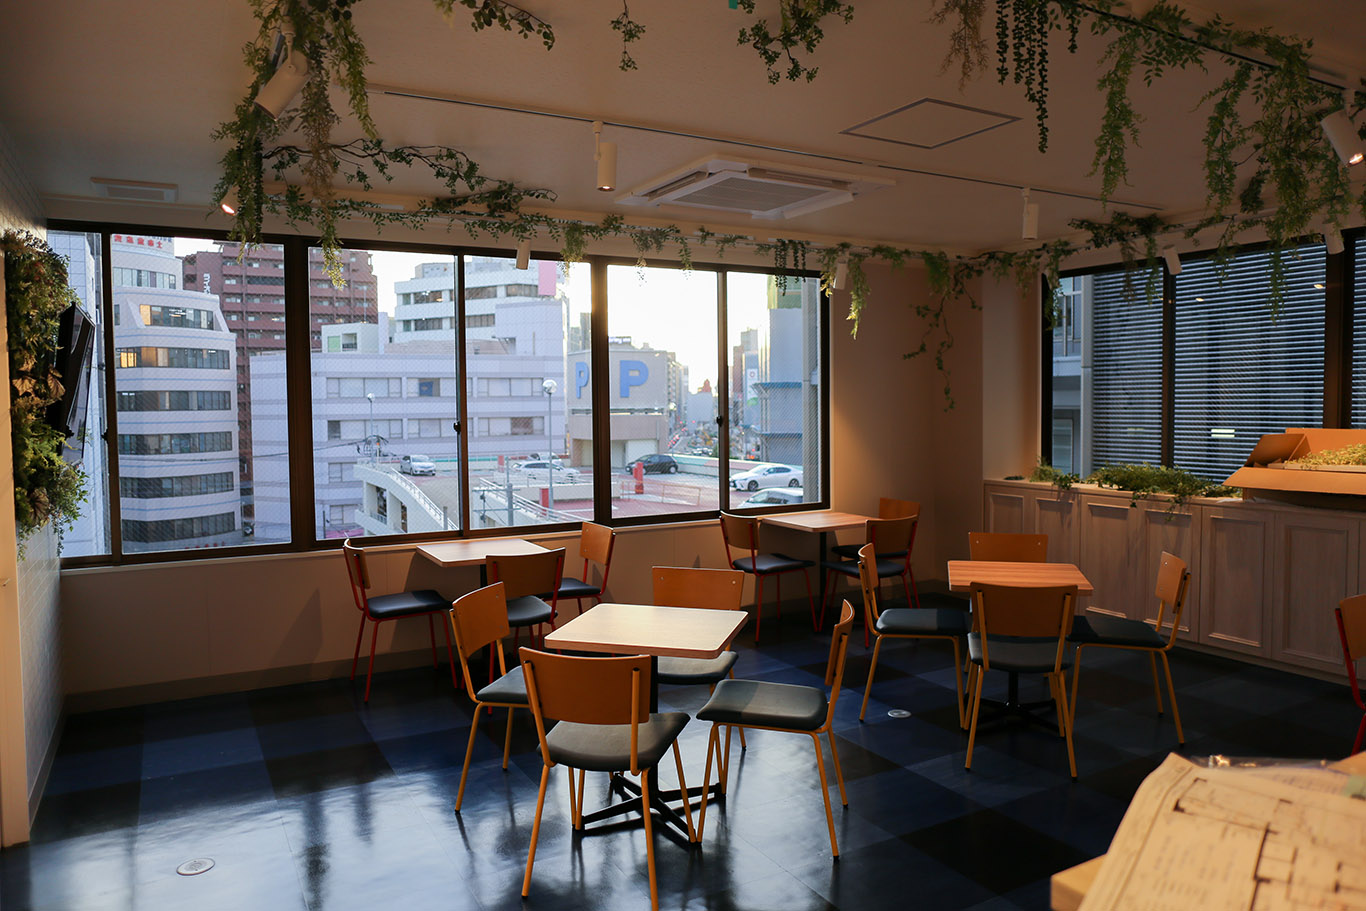 博多区エステサロン 照明計画|福岡の照明設計事務所 ライトニック